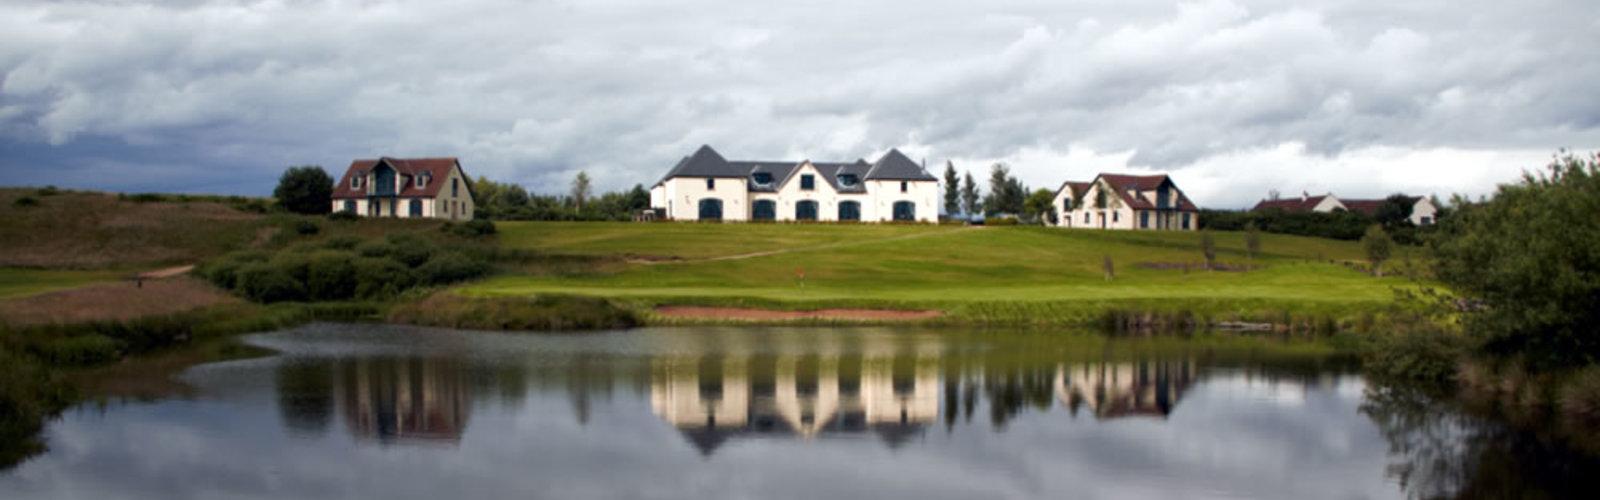 Drumoig golf hotel reflection on loch 1000 500